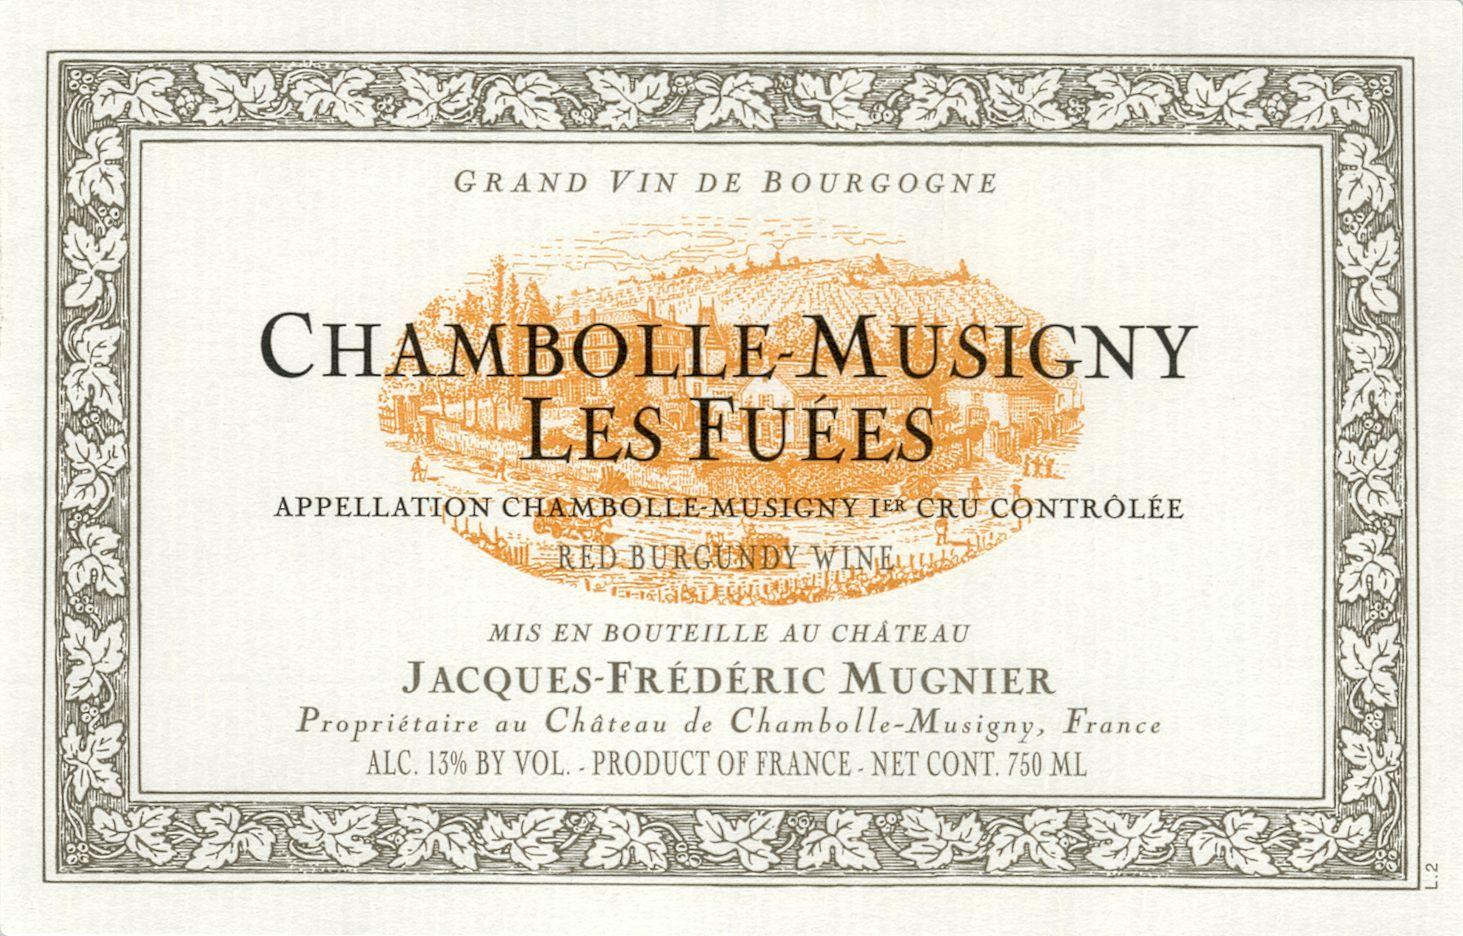 木尼艾酒庄干红(香波-慕西尼村)Domaine Jacques-Frederic Mugnier Chambolle-Musigny Les Fuees